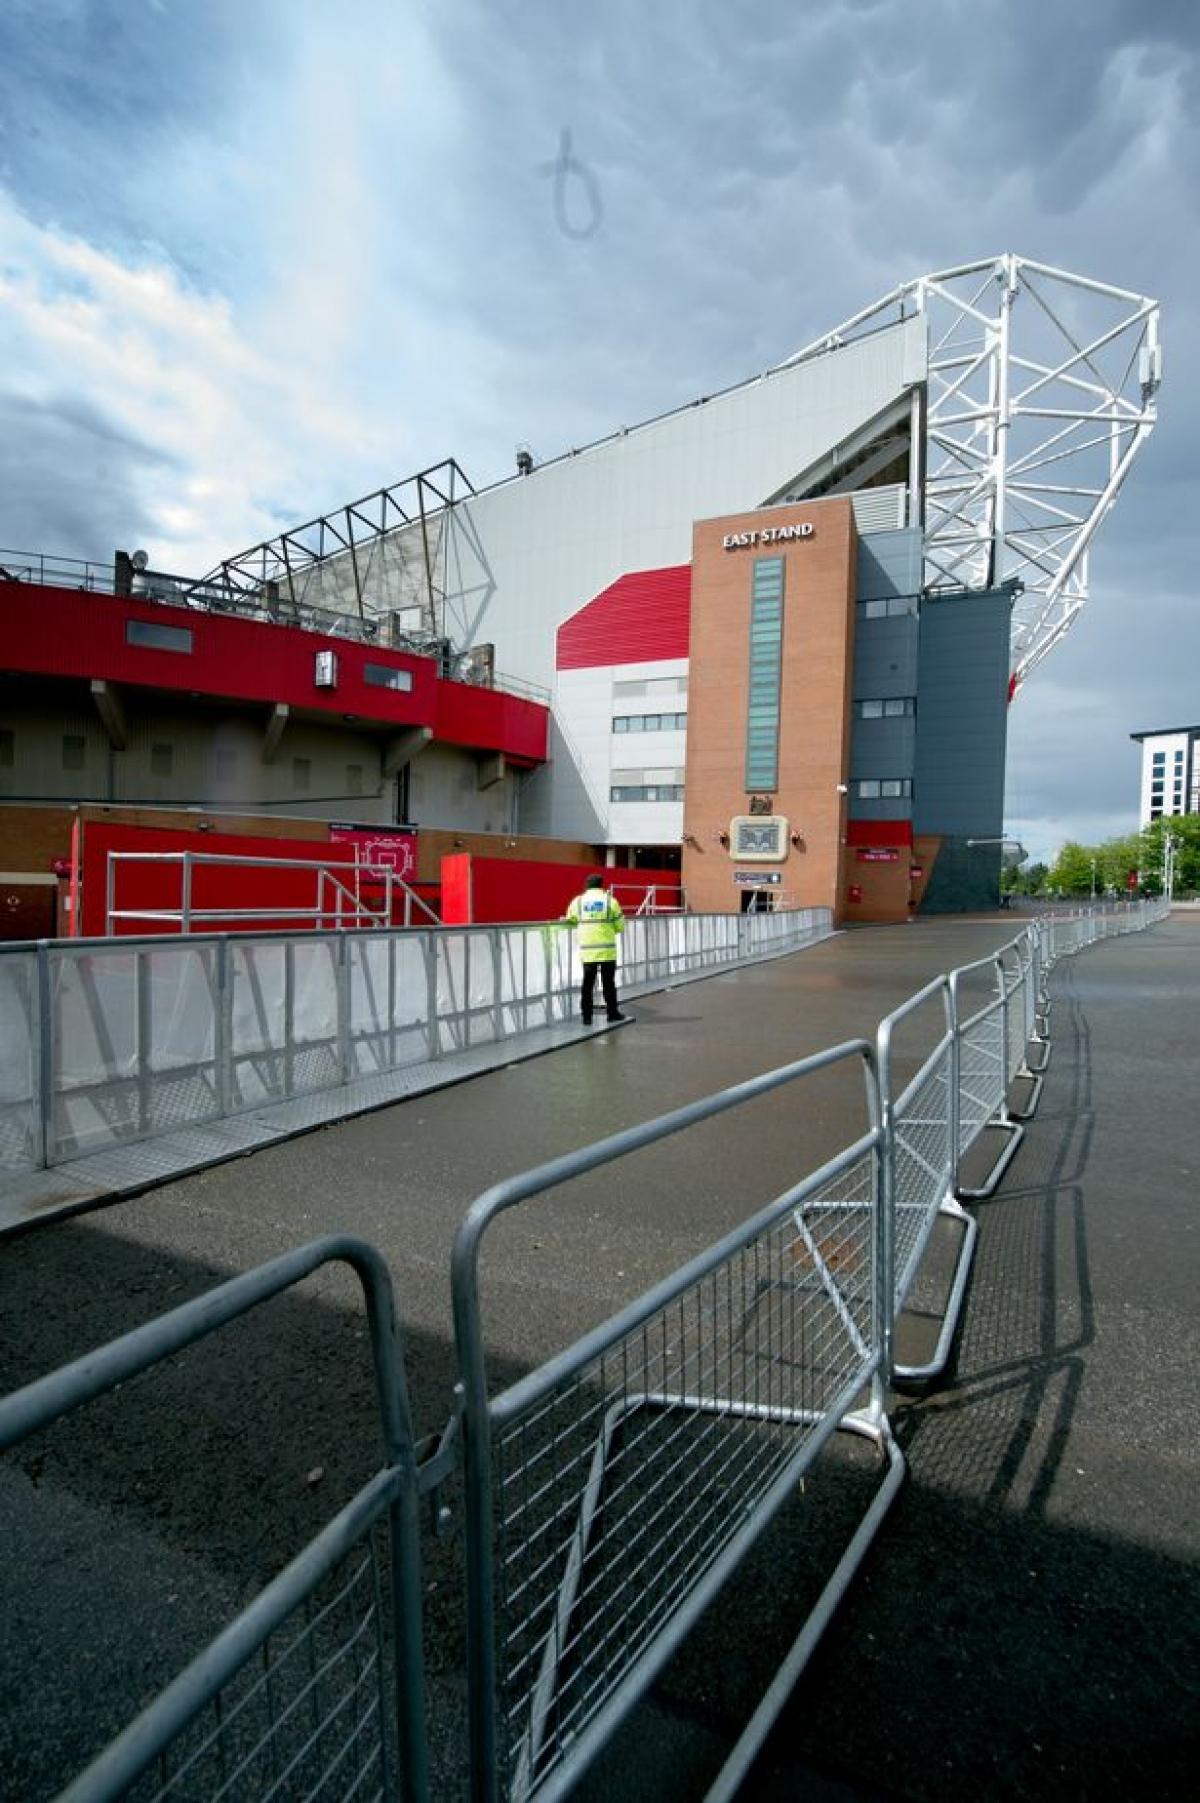 Sân Old Trafford được bao quanh bởi nhiều lớp hàng rào.